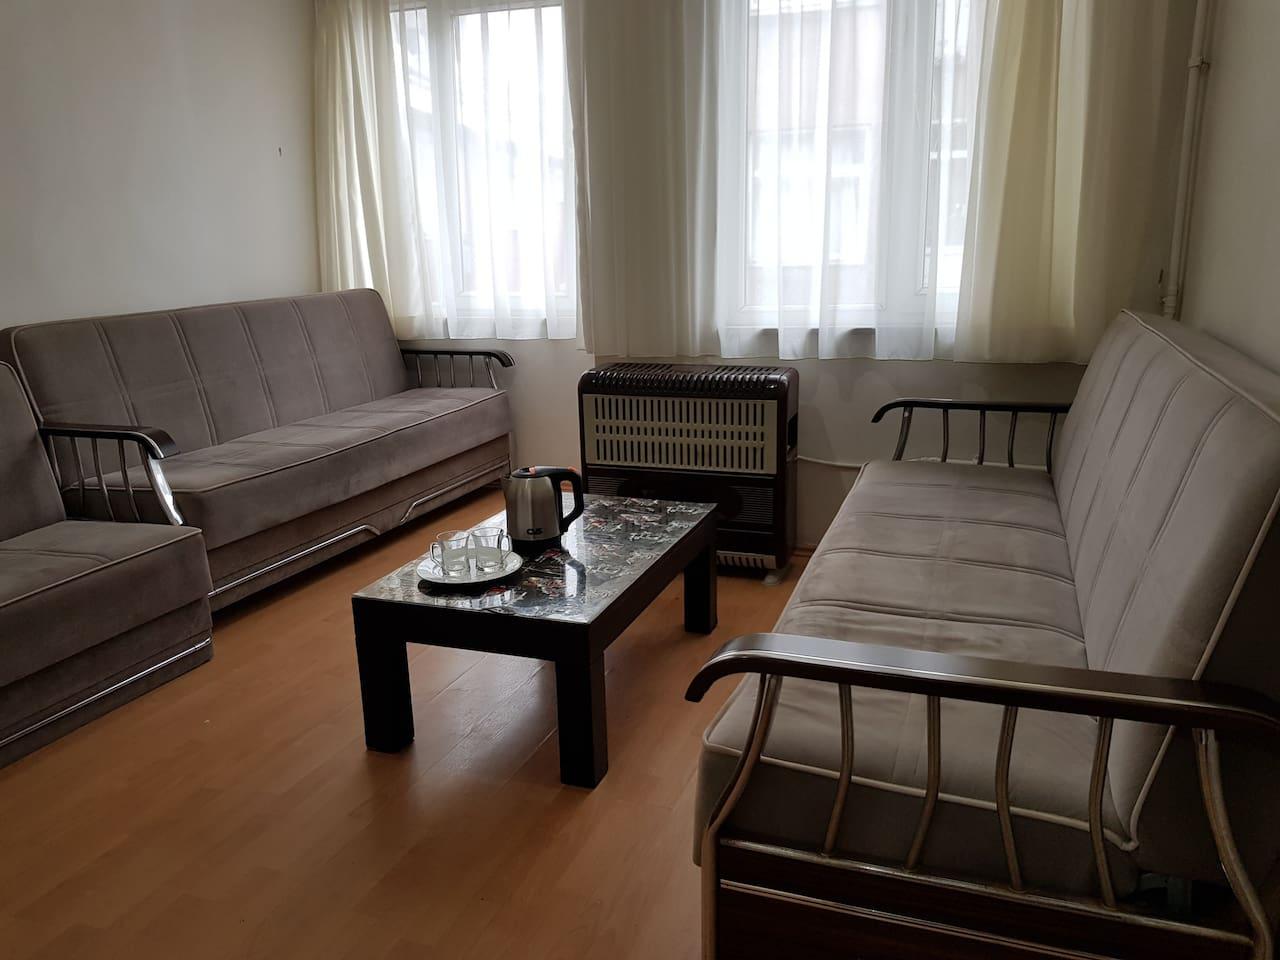 Livingroom, 3 sofabed.